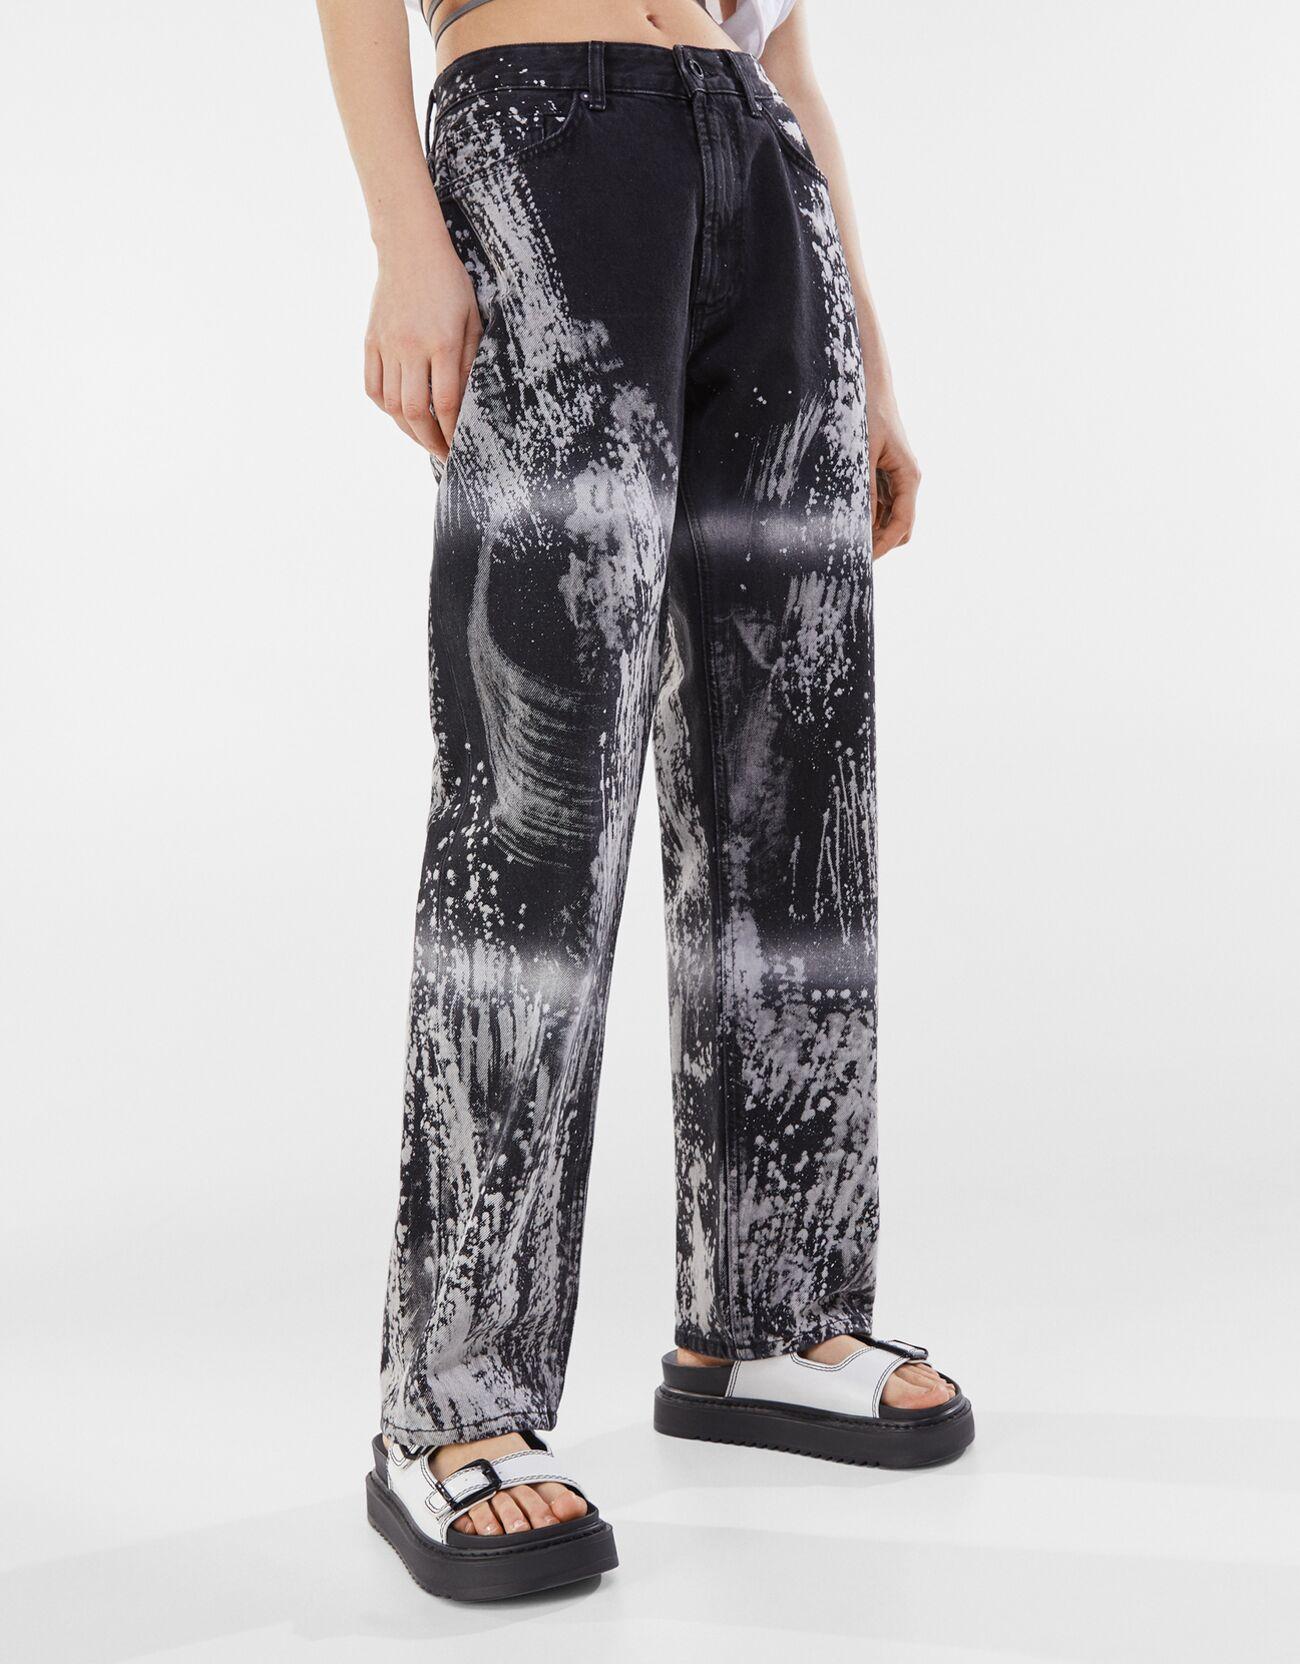 Artikel klicken und genauer betrachten! - Straight Jeans Mit Tie Dye Color: Schwarz Size: 42 Material: Baumwolle Farbe:Schwarz Größe: 42   im Online Shop kaufen